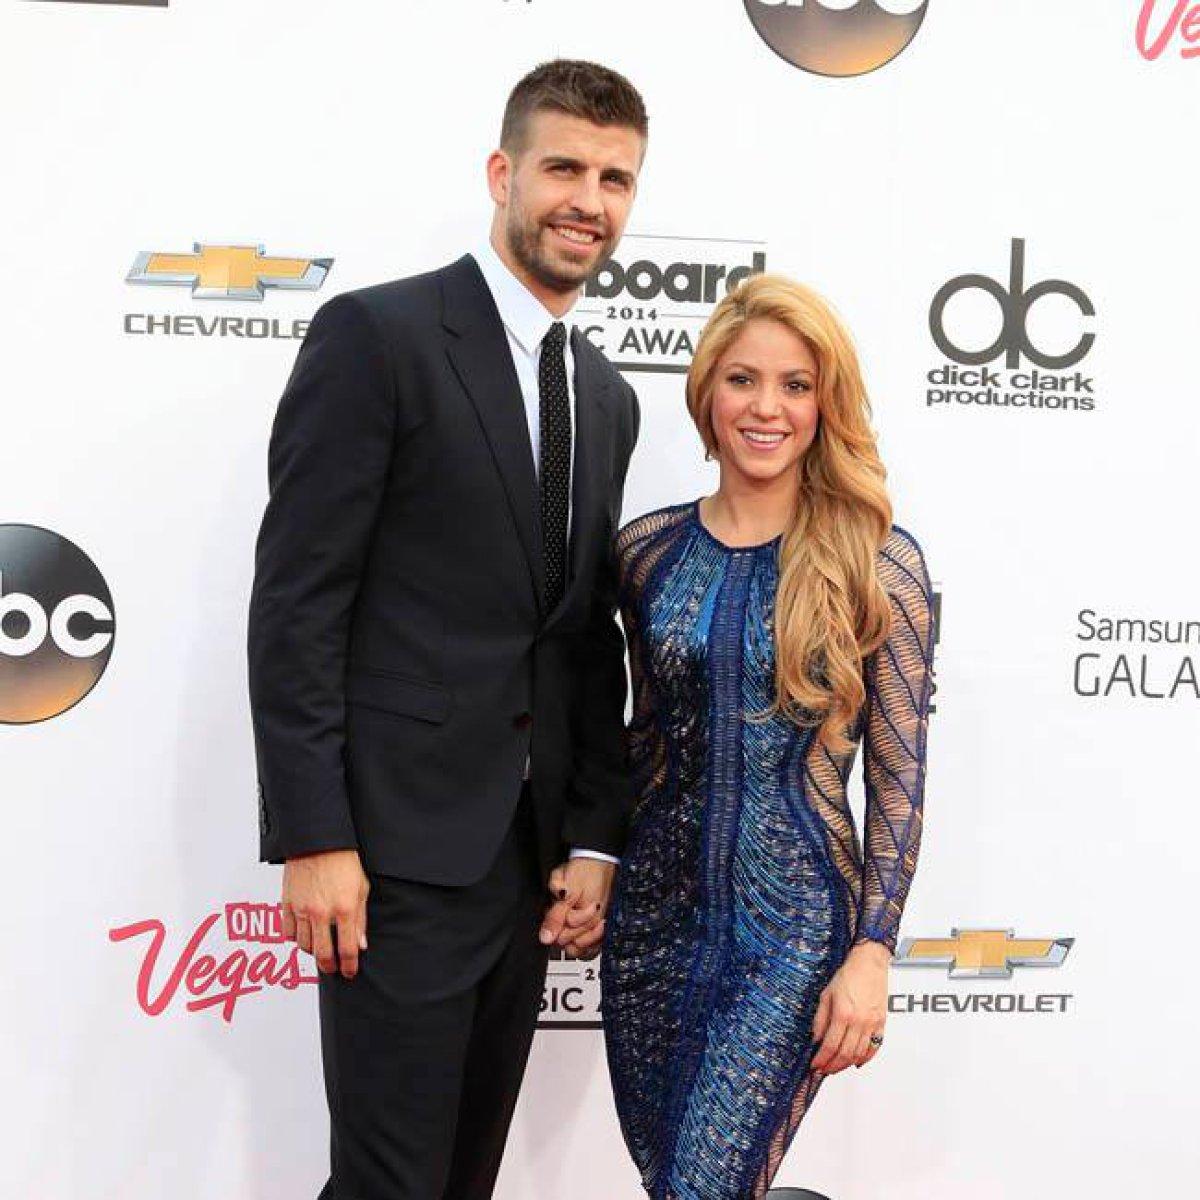 El video que demostraría el embarazo de Shakira